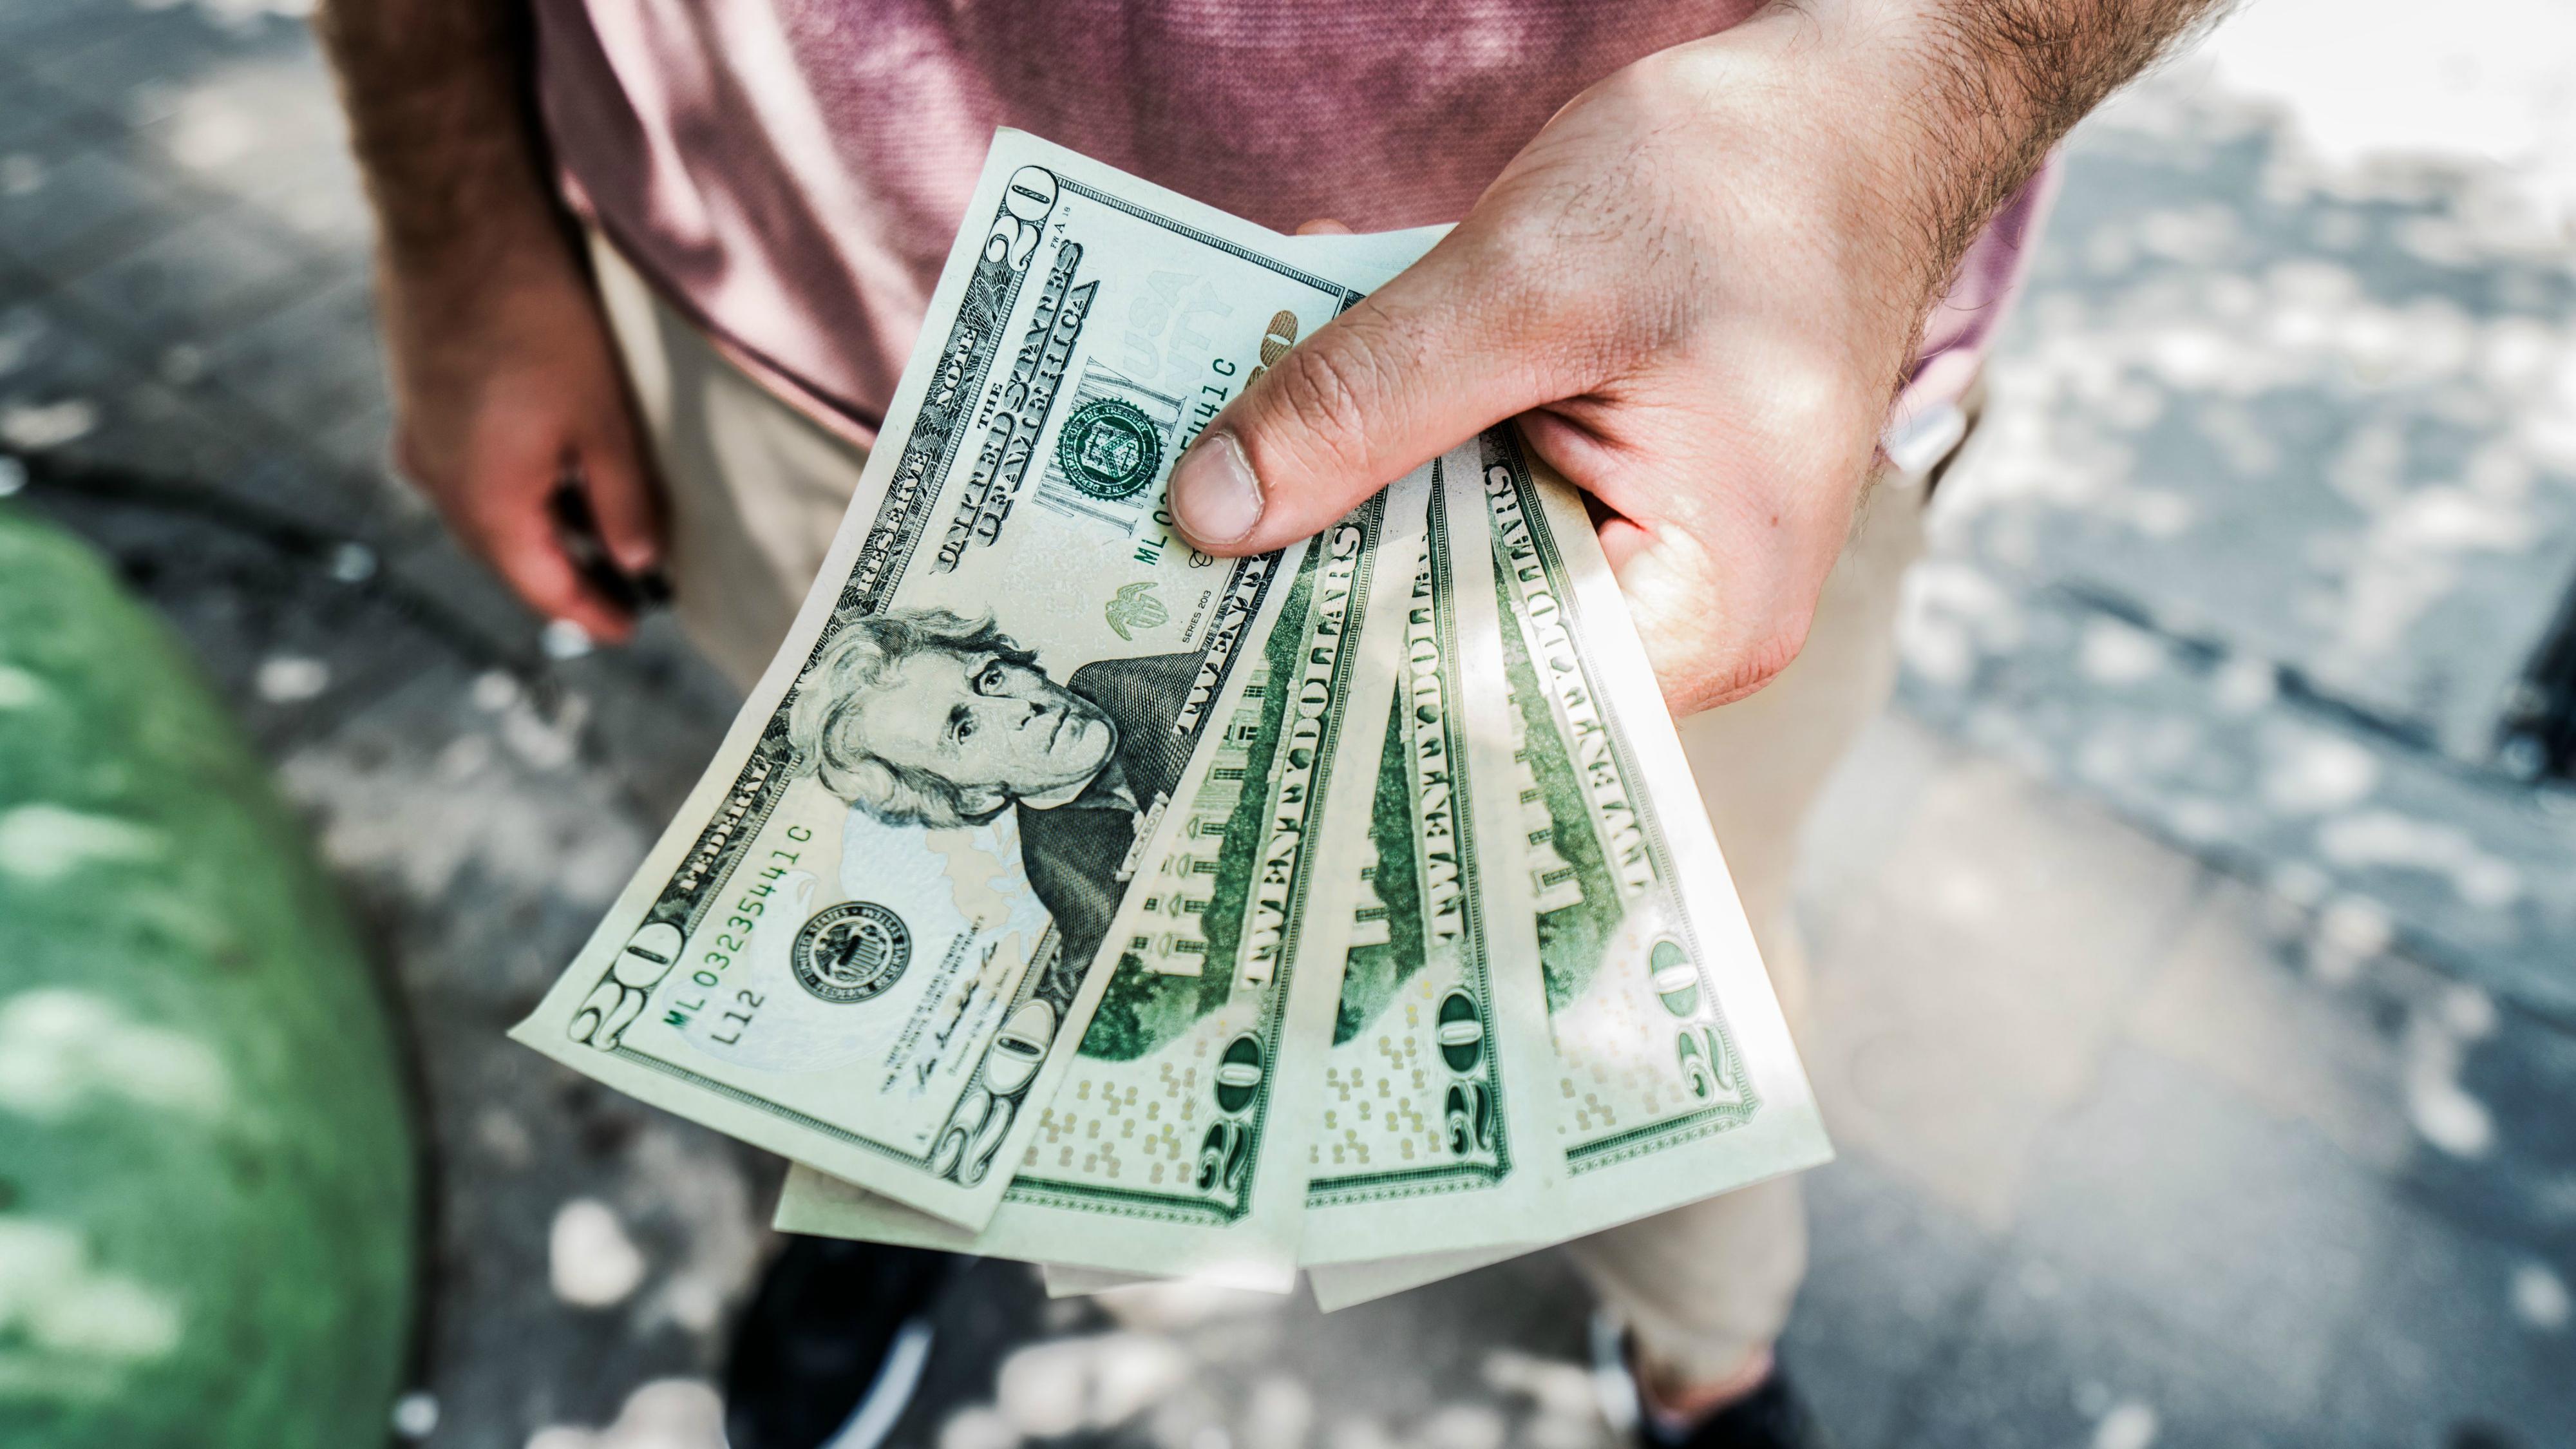 kā pelnīt daudz naudas padomu